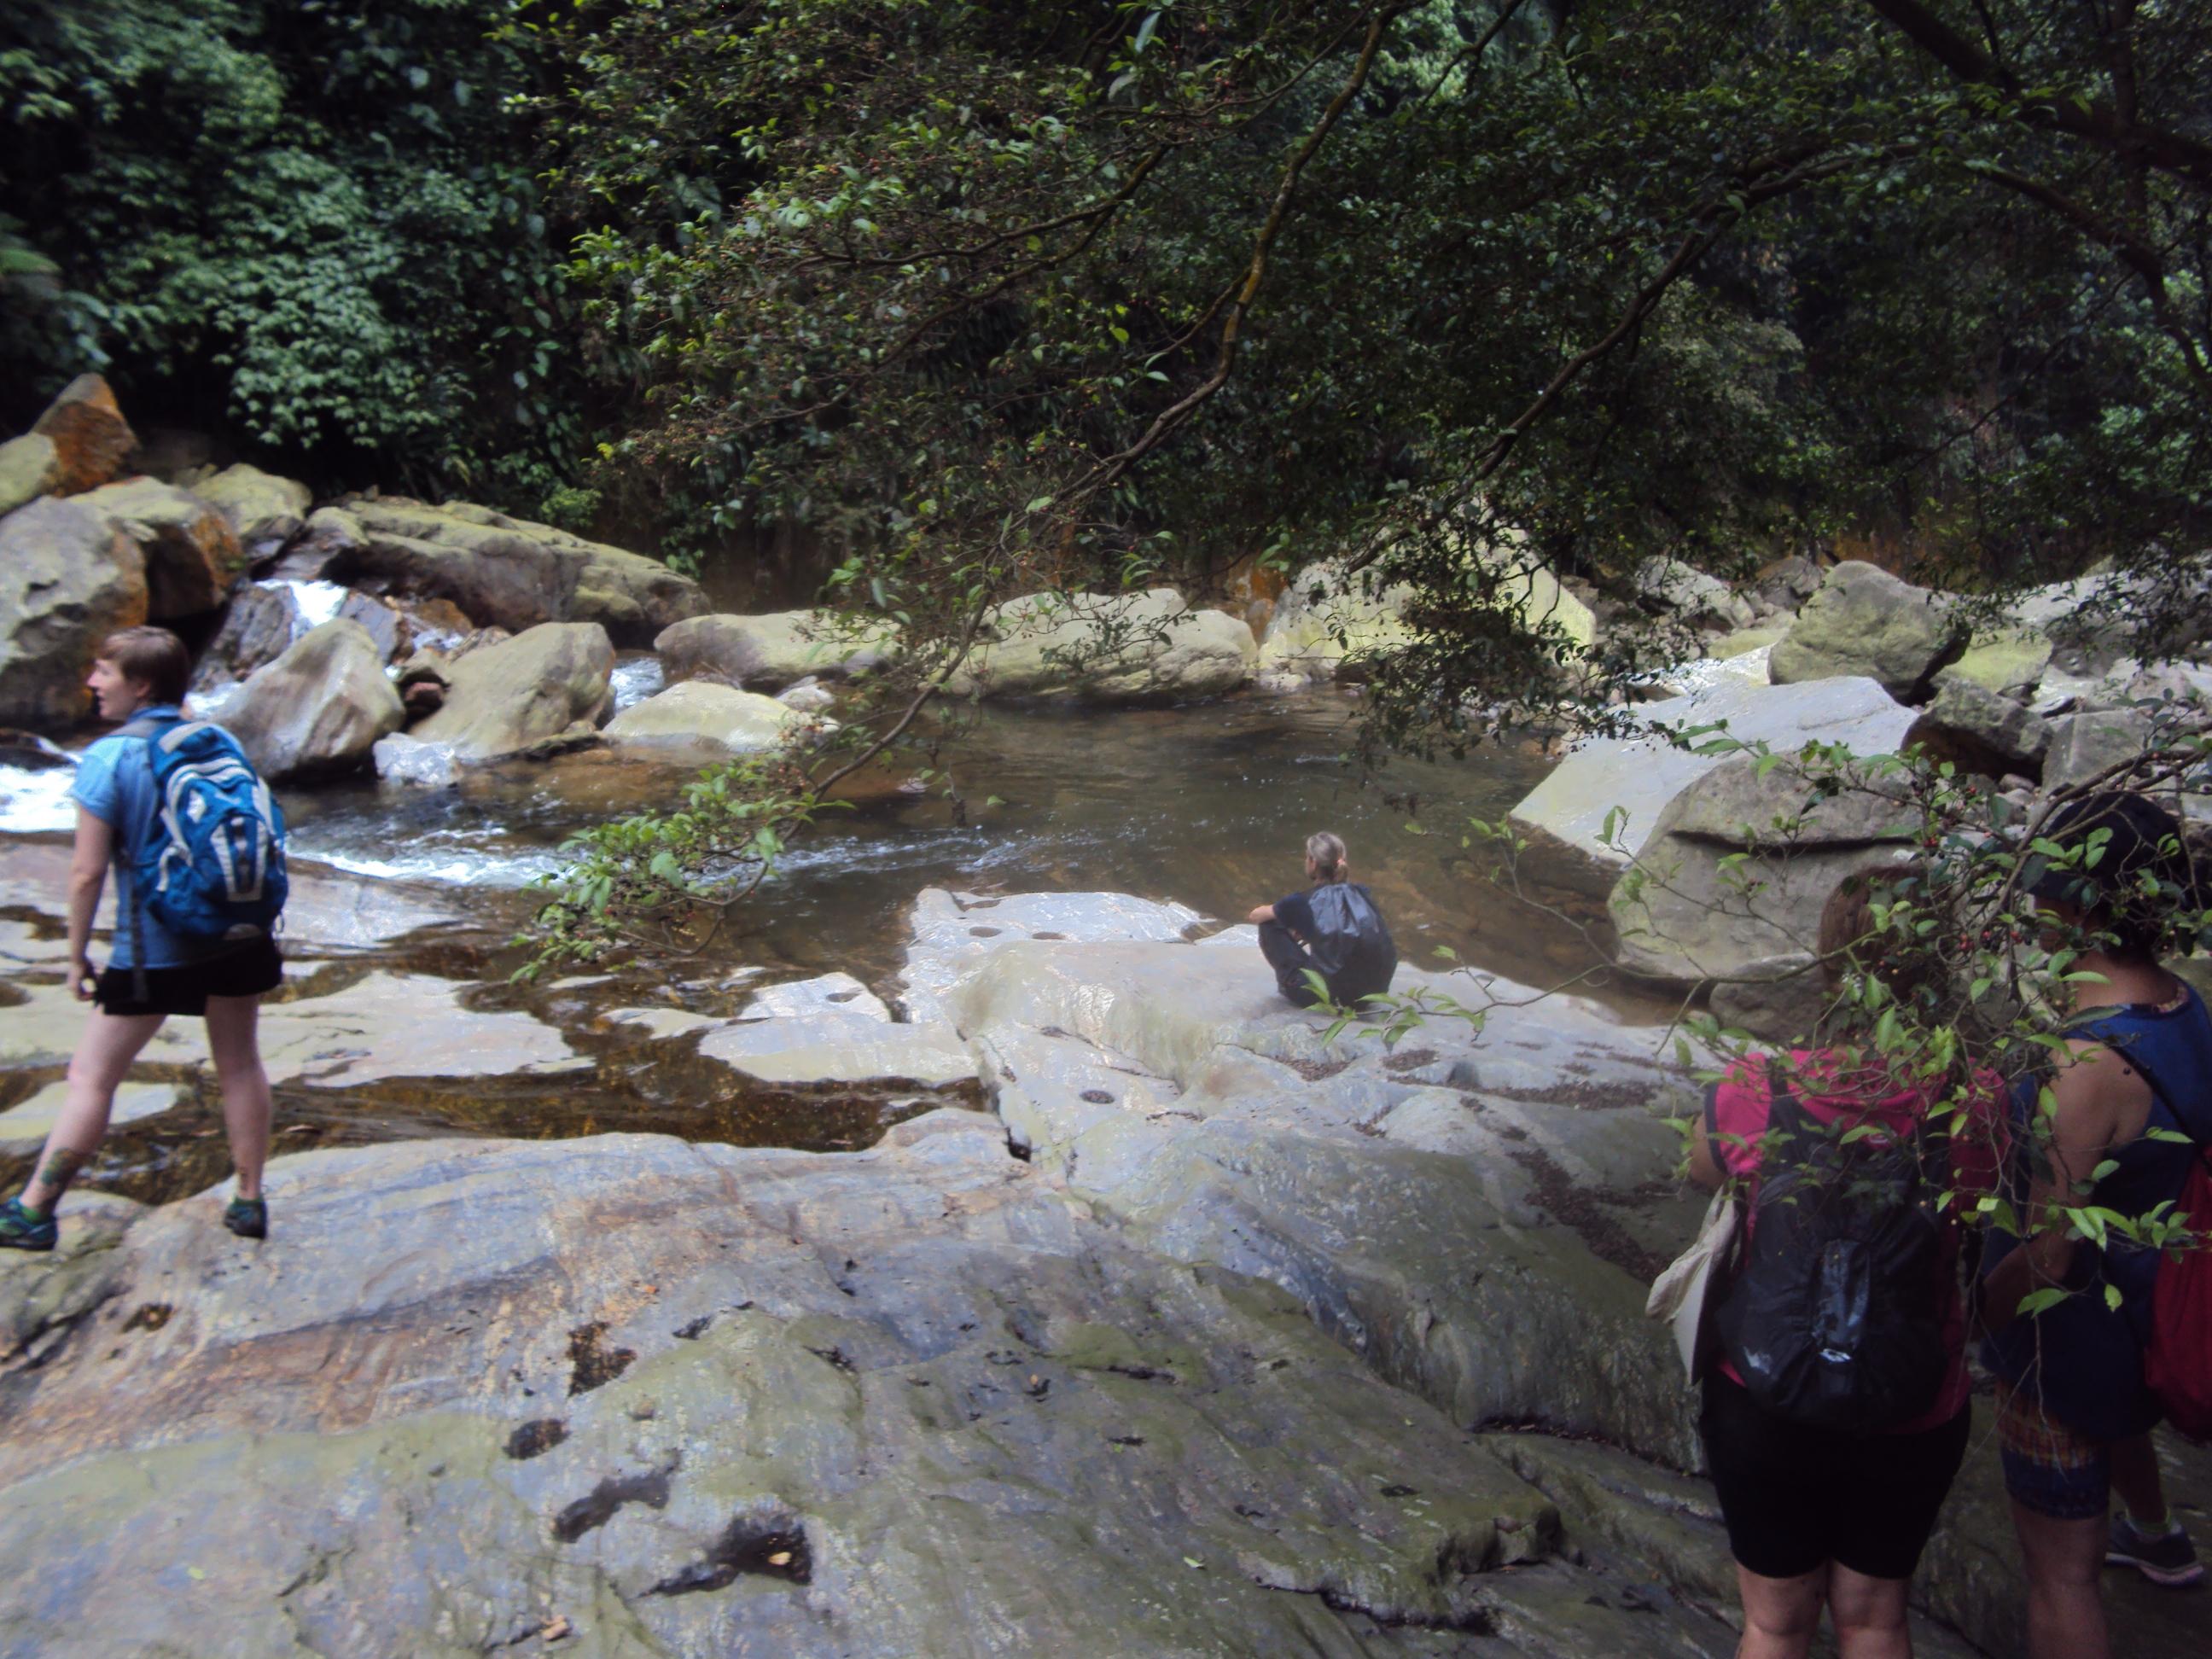 Vale das cachoeiras novembro 2014 060.jpg